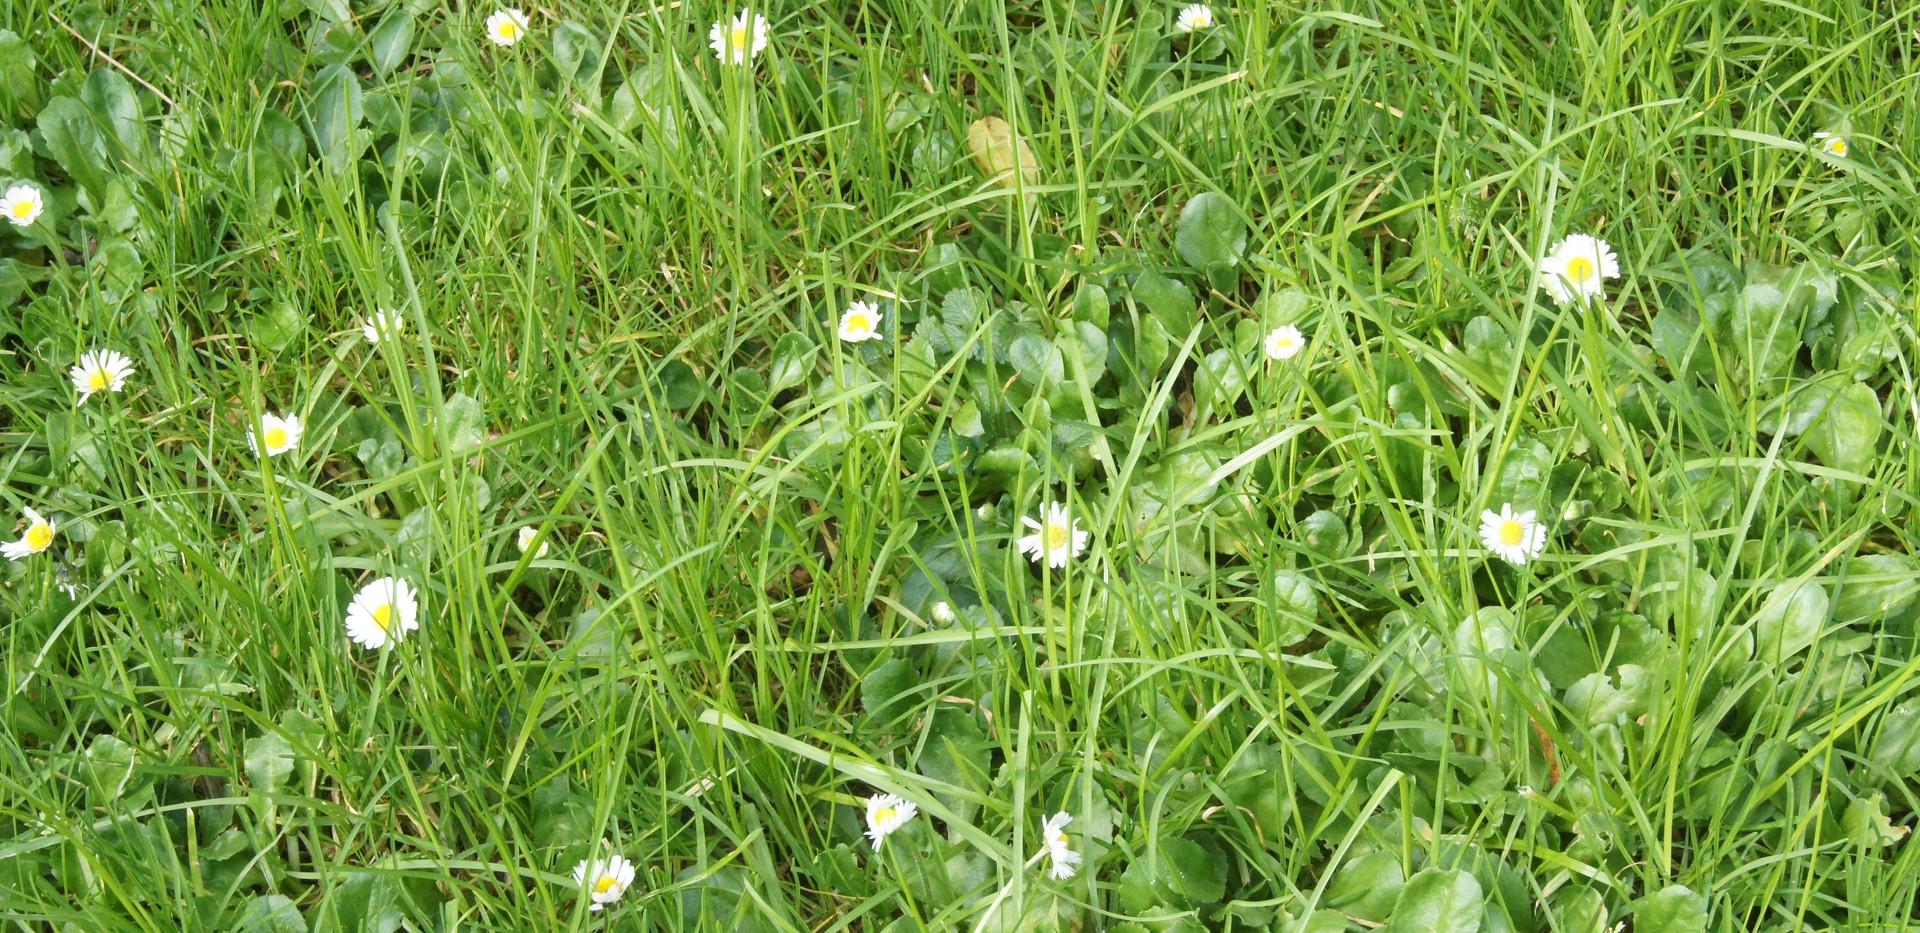 Lawn Daisy 2